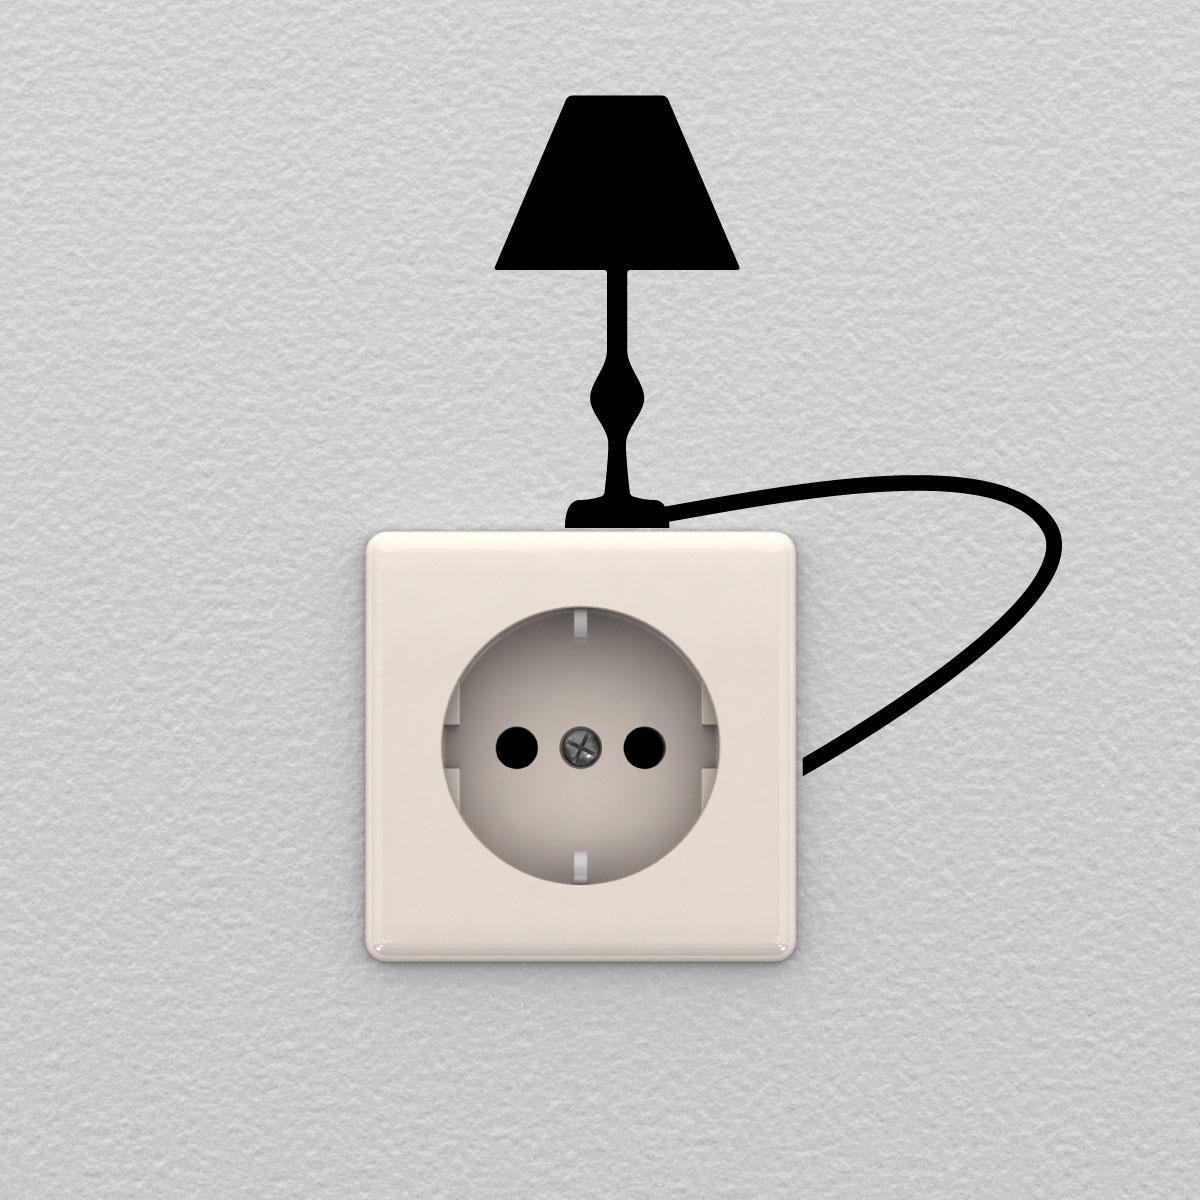 Interrupteur lampe chevet interrupteur bipolaire pour for Interrupteur lampe de chevet